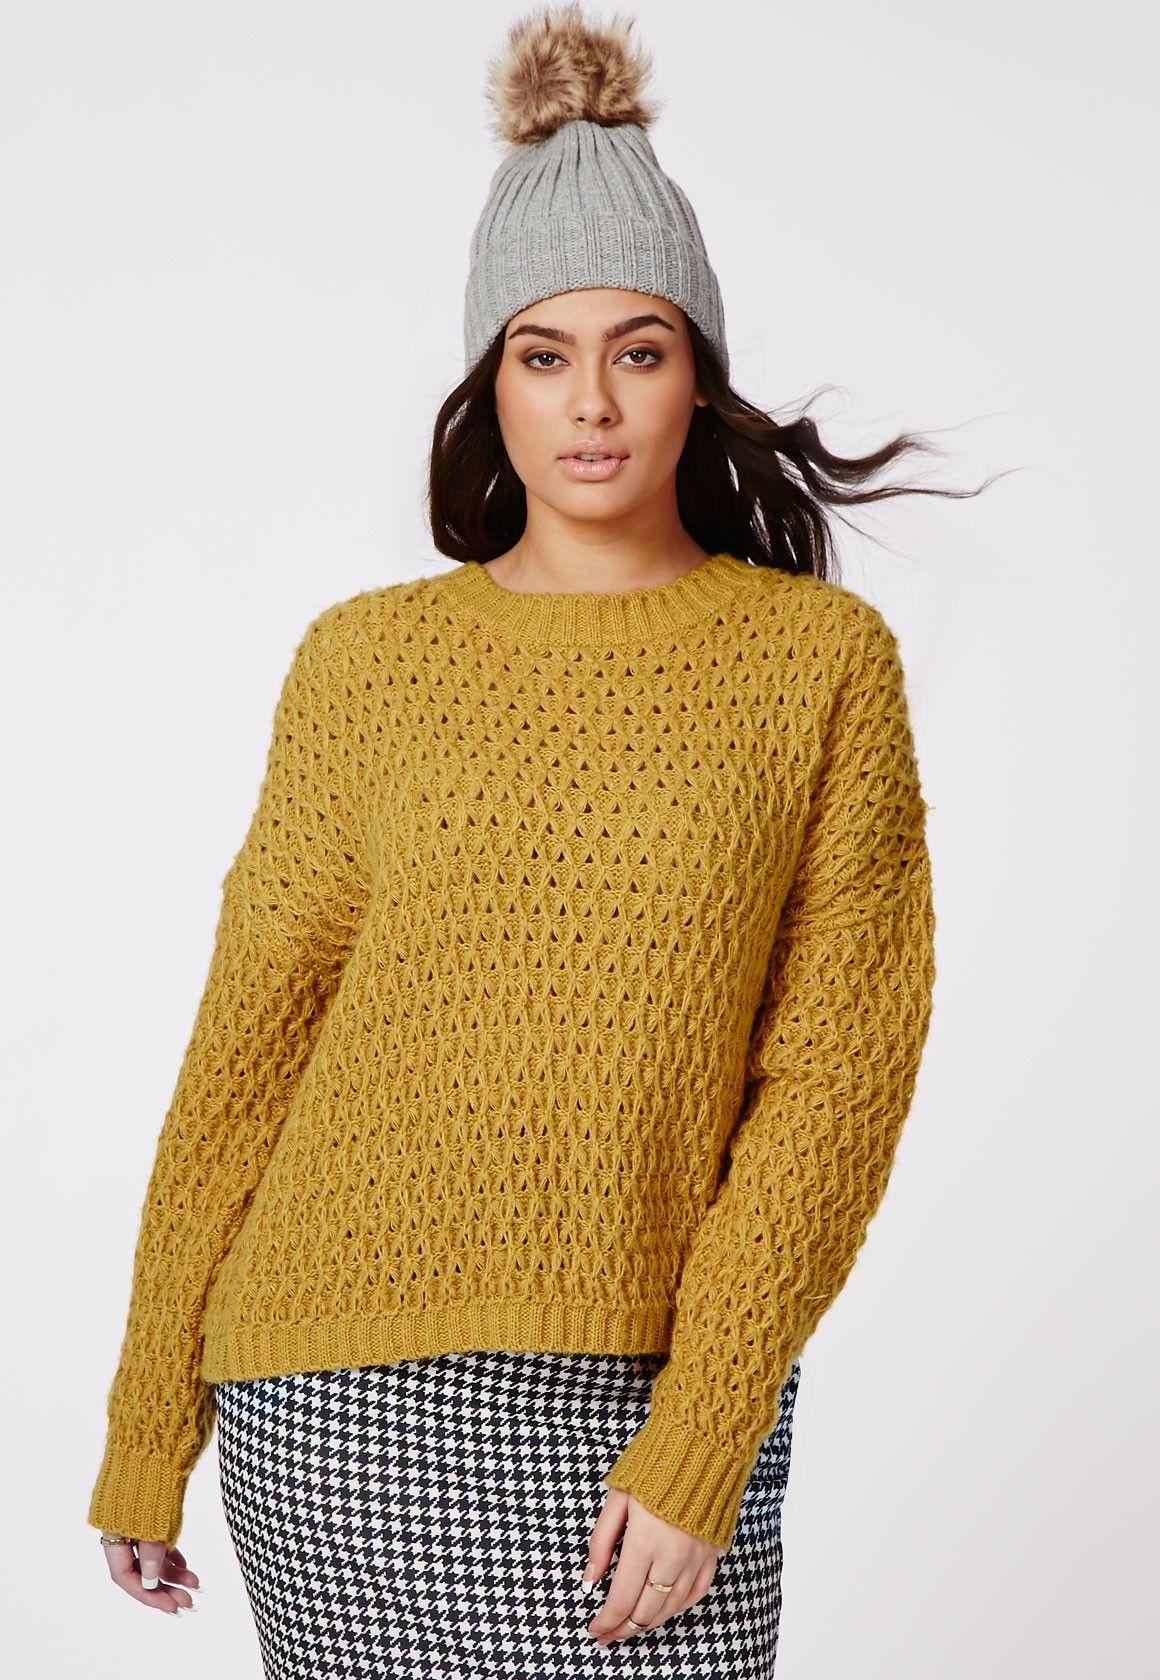 ccb527b24c1 Plus Size Chunky Knit Jumper Mustard - Plus Size Knitwear- Women s plus size  - Missguided +